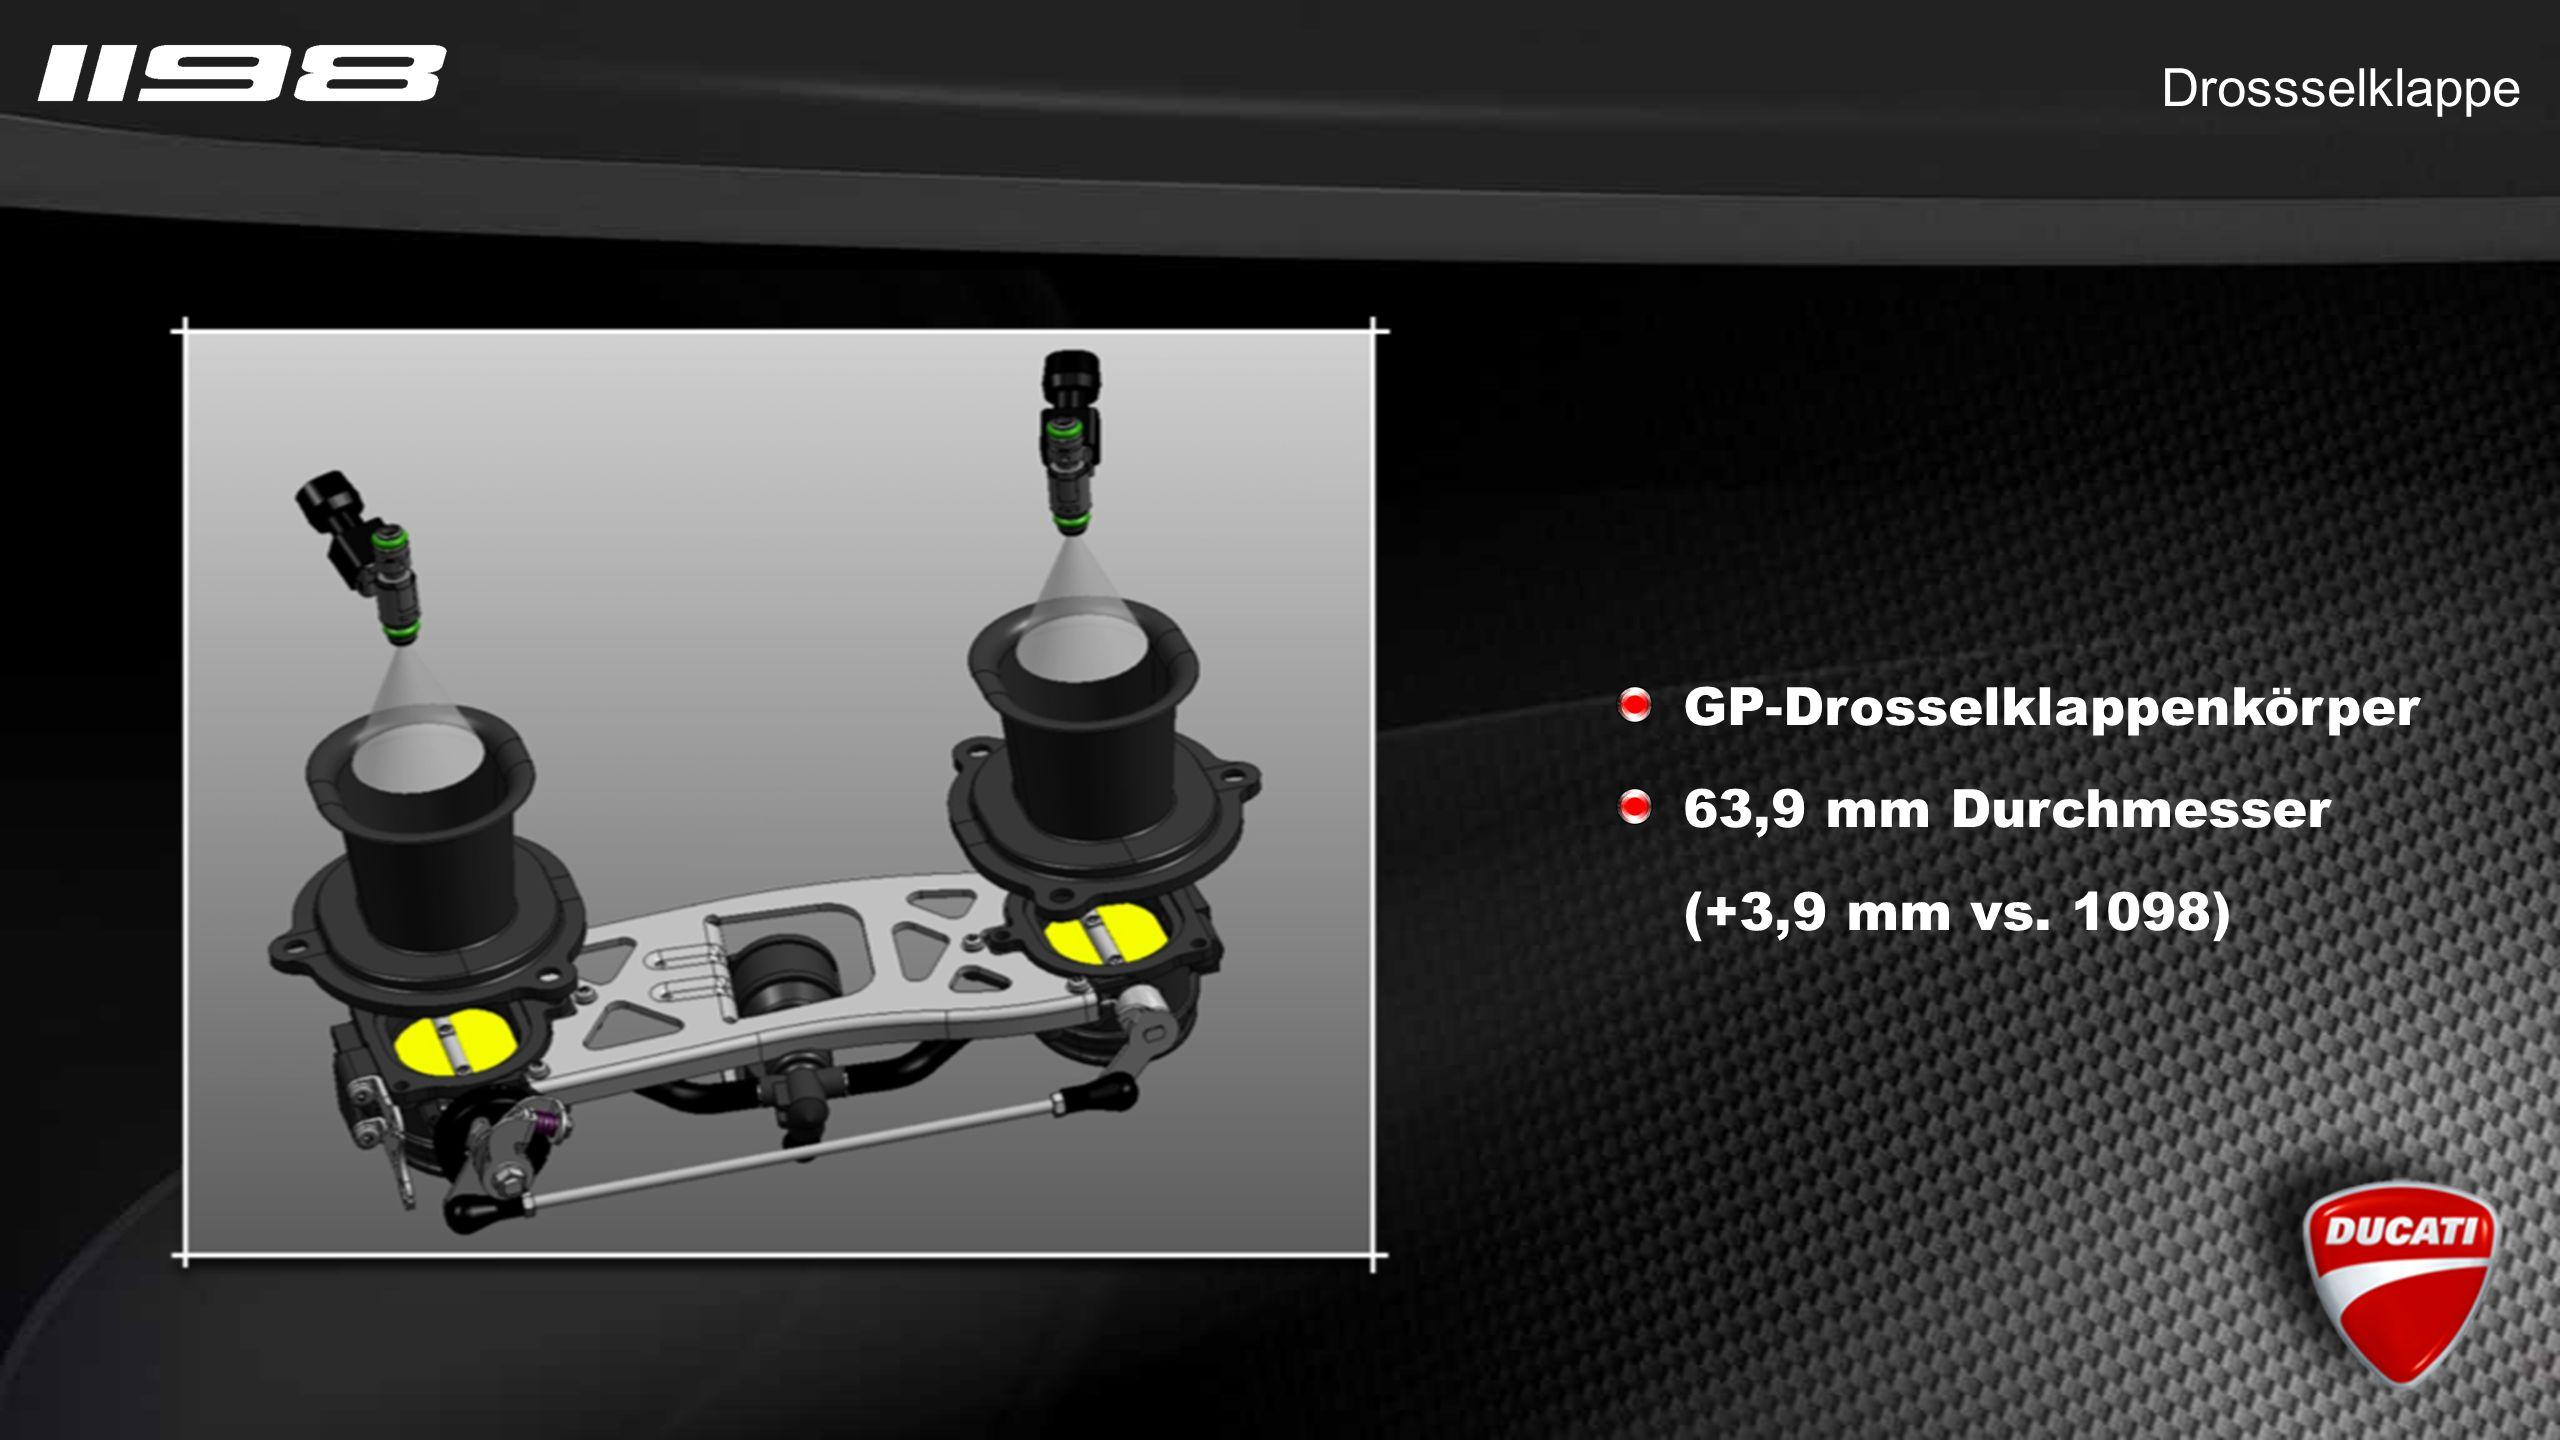 Drossselklappe GP-Drosselklappenkörper 63,9 mm Durchmesser (+3,9 mm vs. 1098)